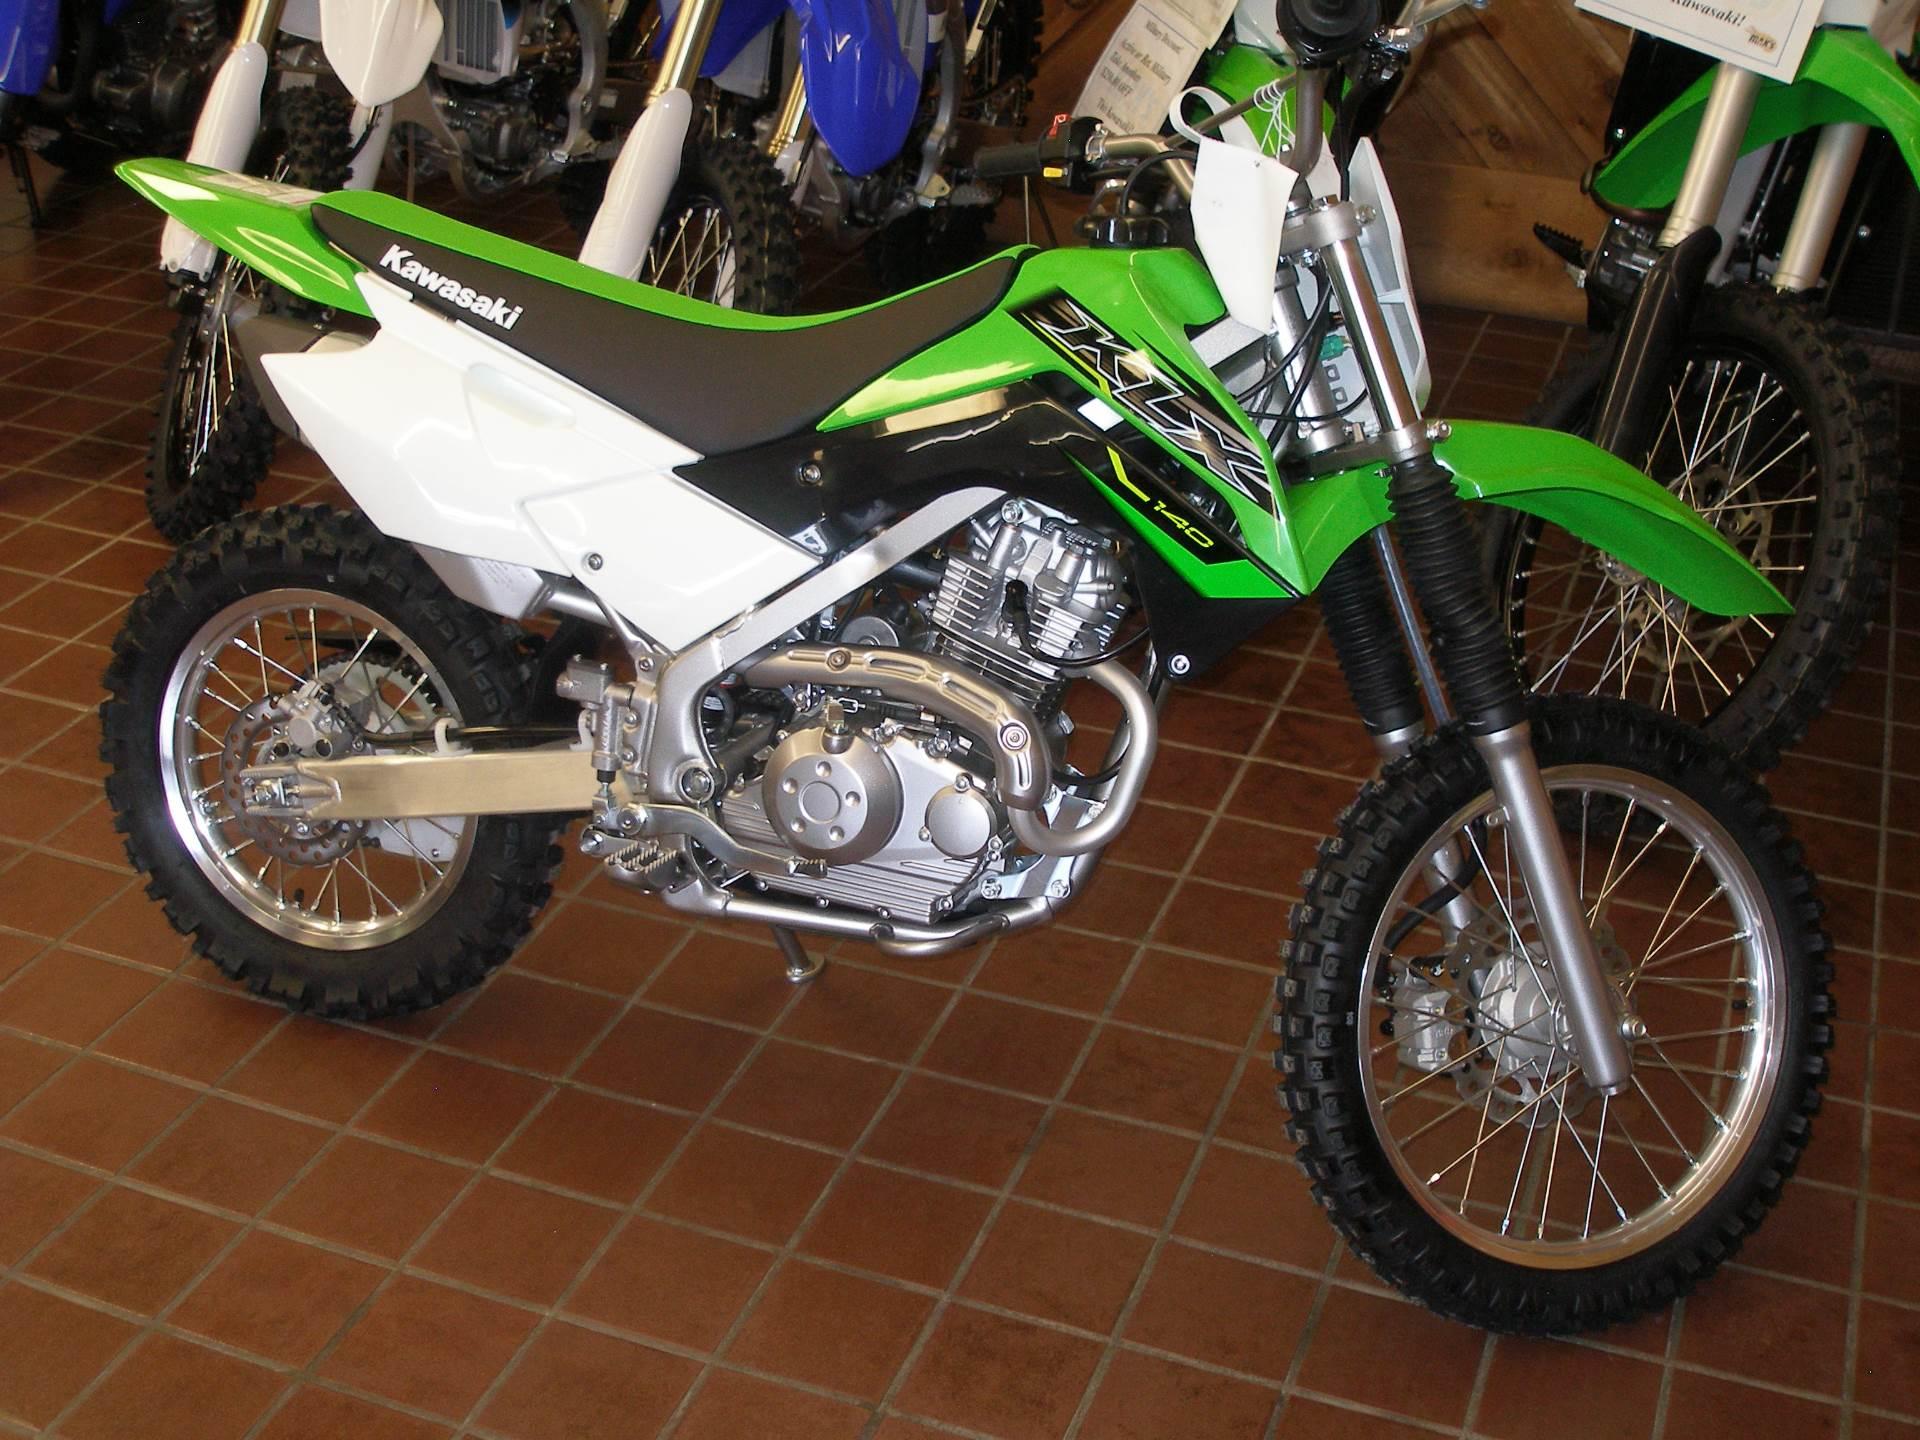 2019 Kawasaki KLX 140 for sale 13469